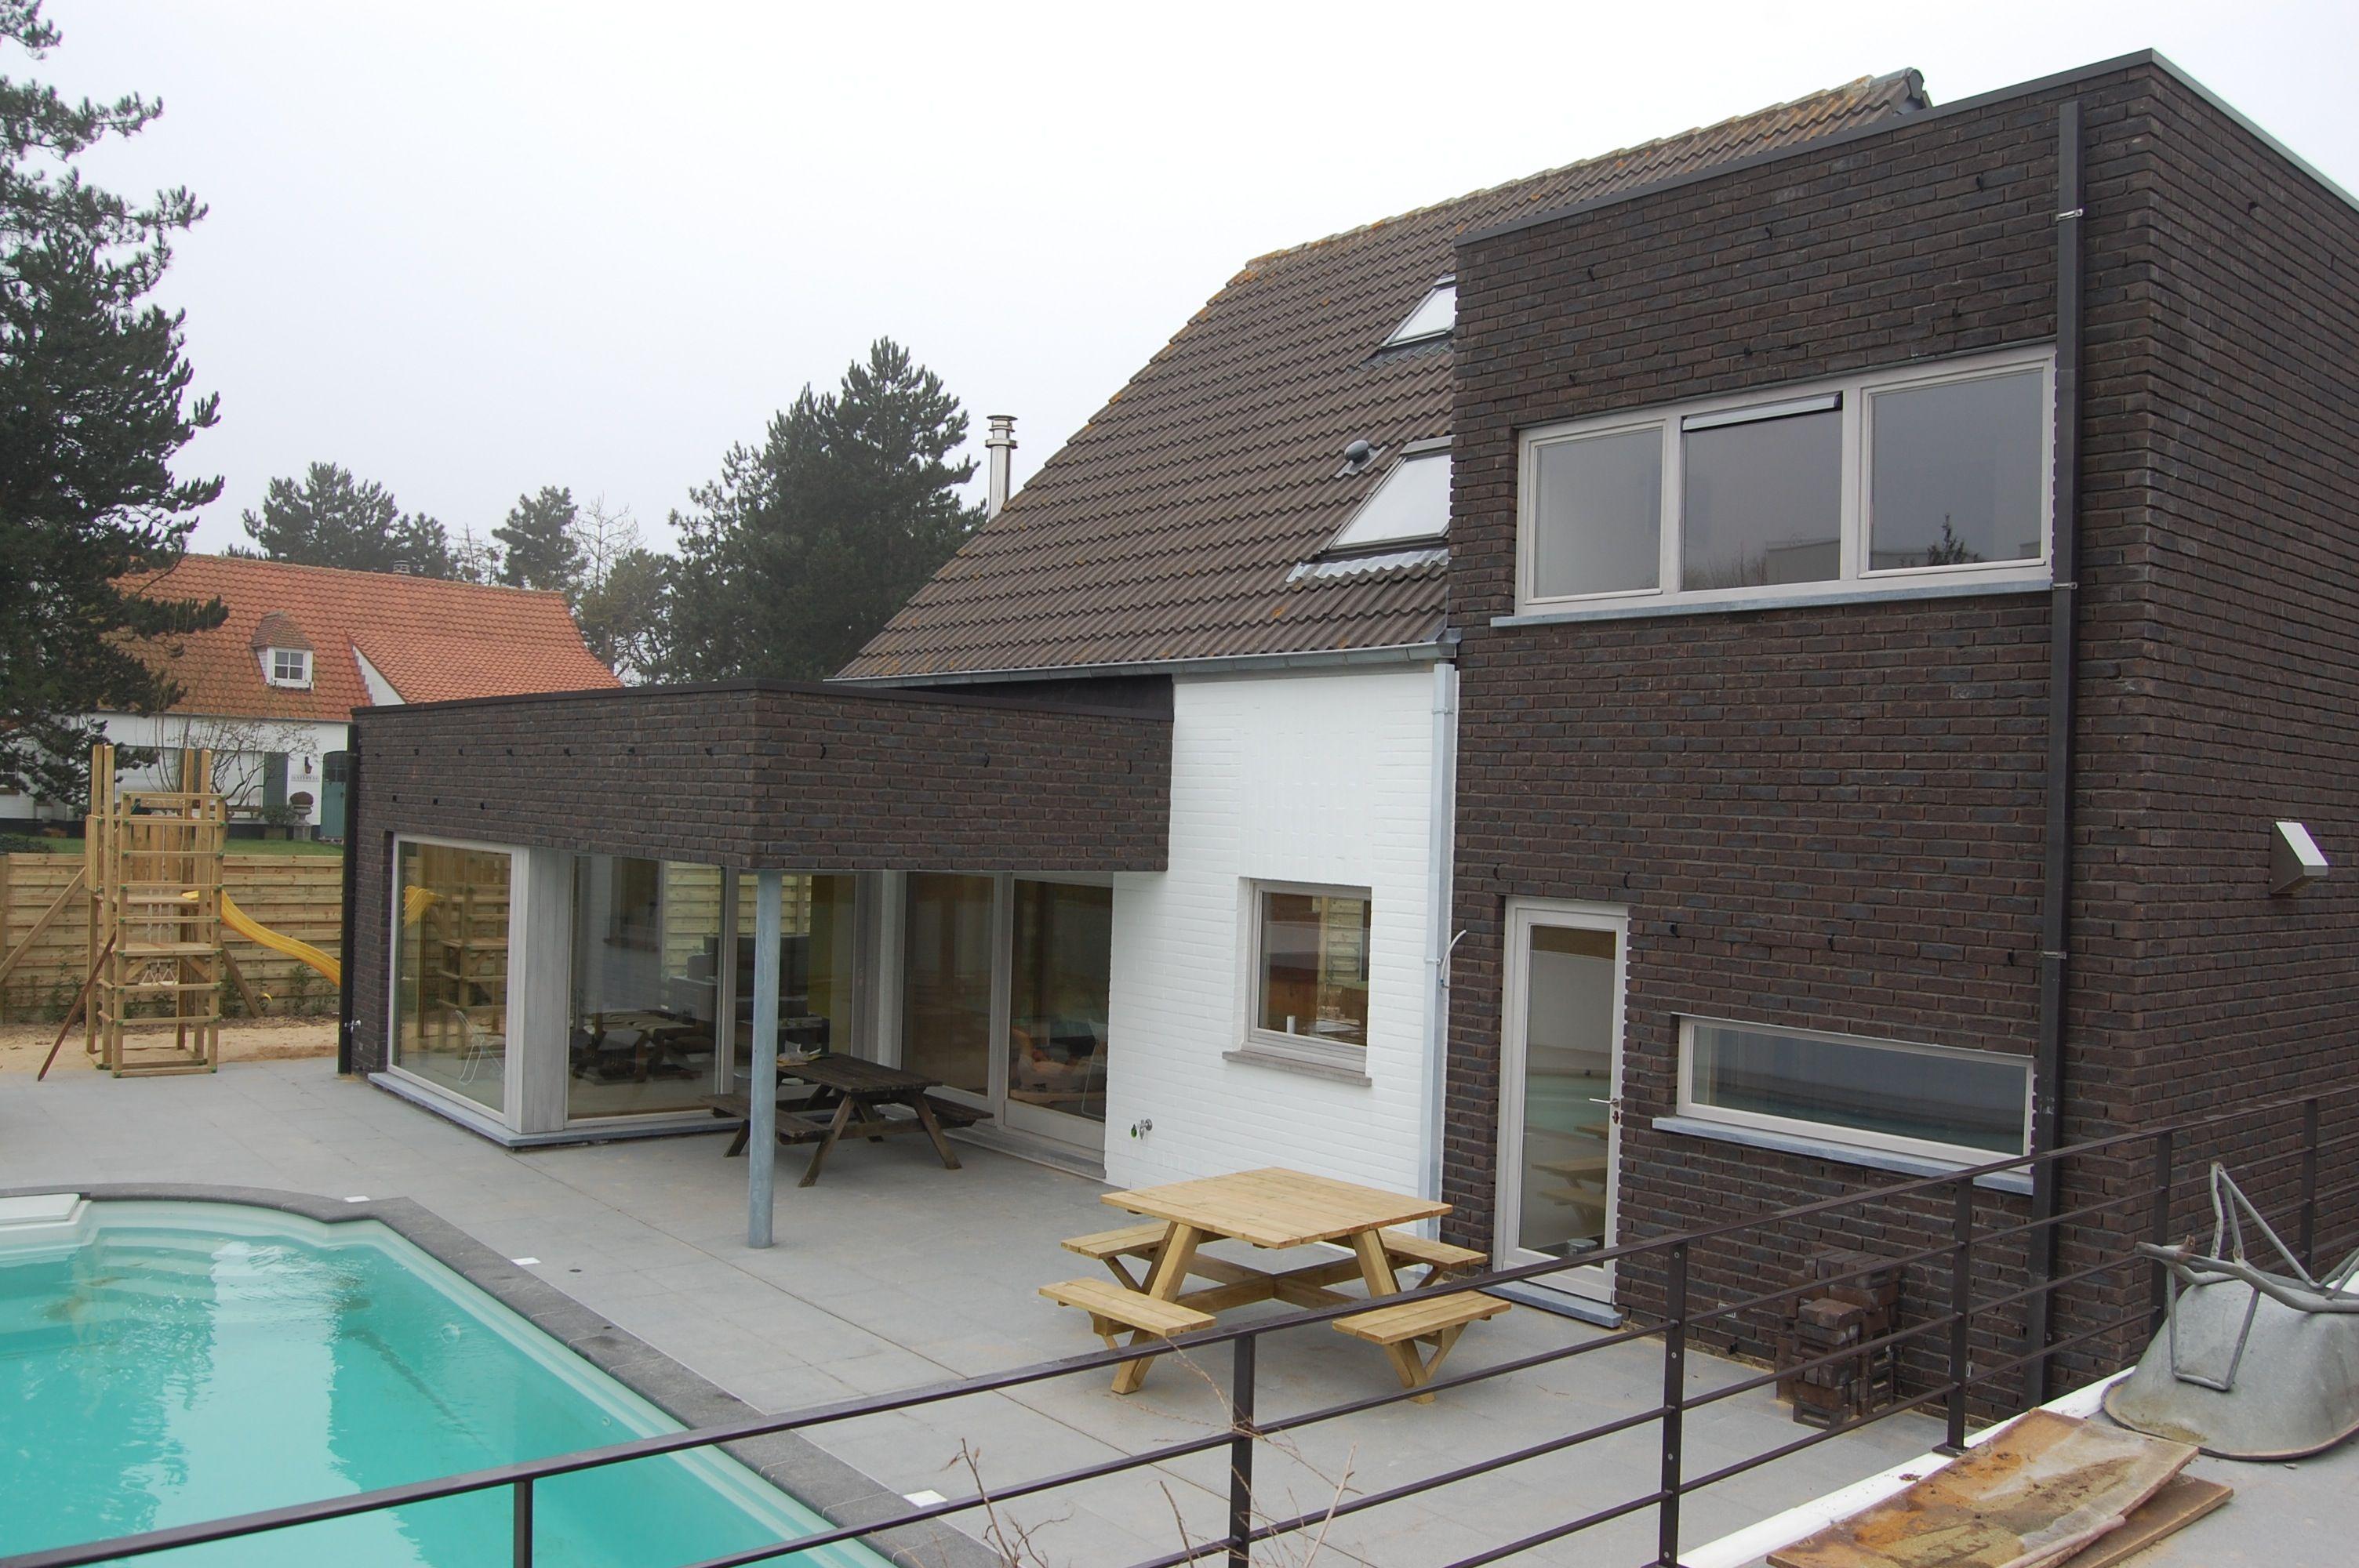 Verbouwing woning oostduinkerke architect wouter cassiman architect wouter cassiman - Moderne verdieping ...